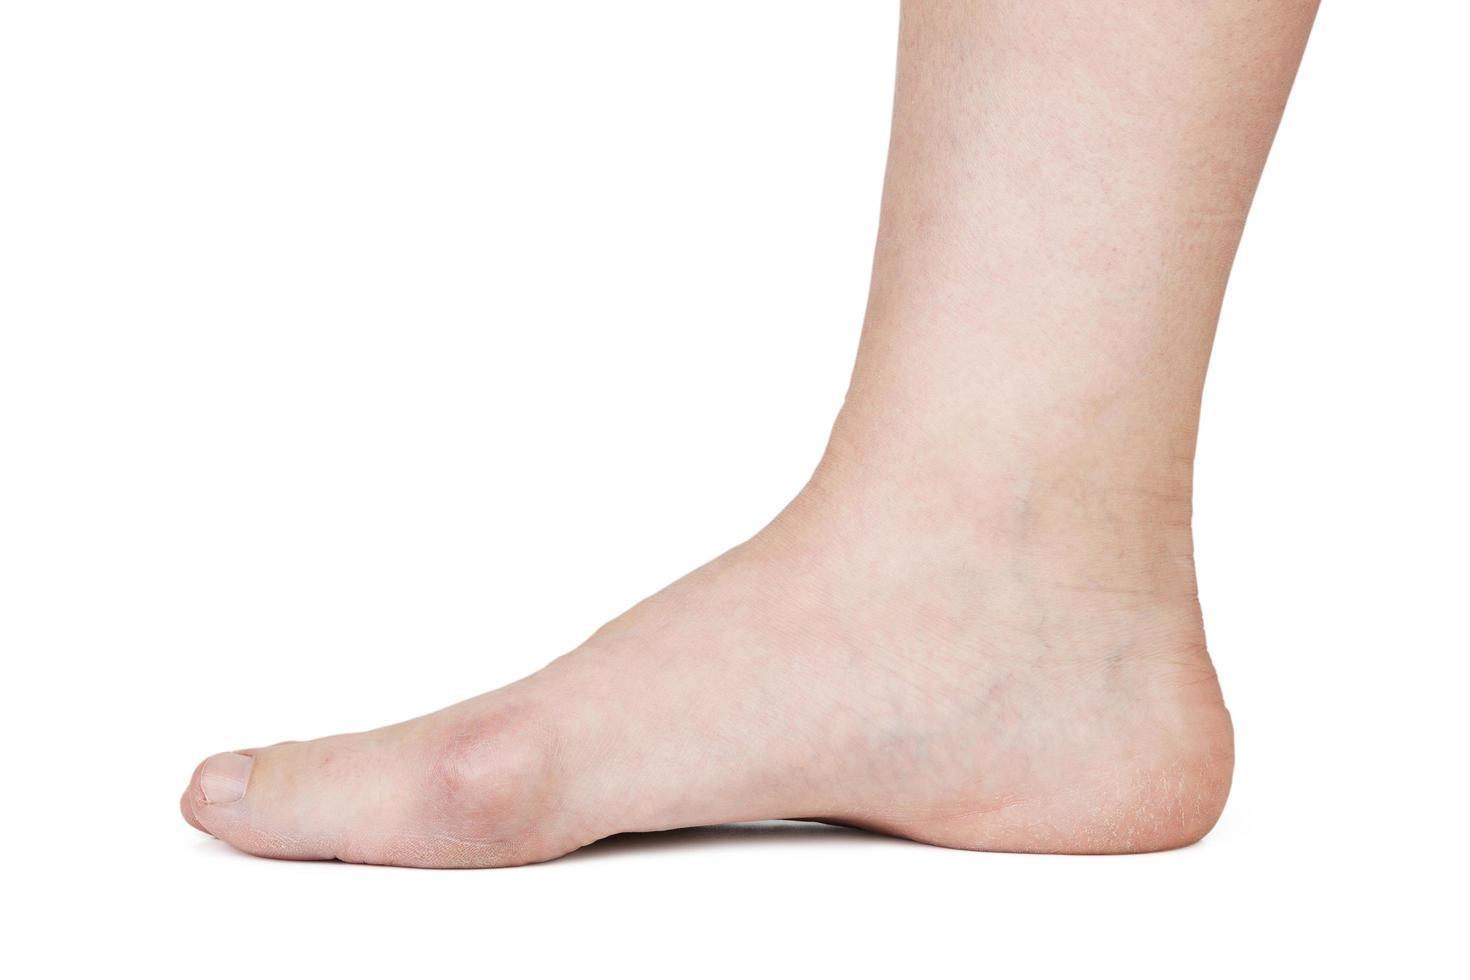 piede umano con alluce valgo foto